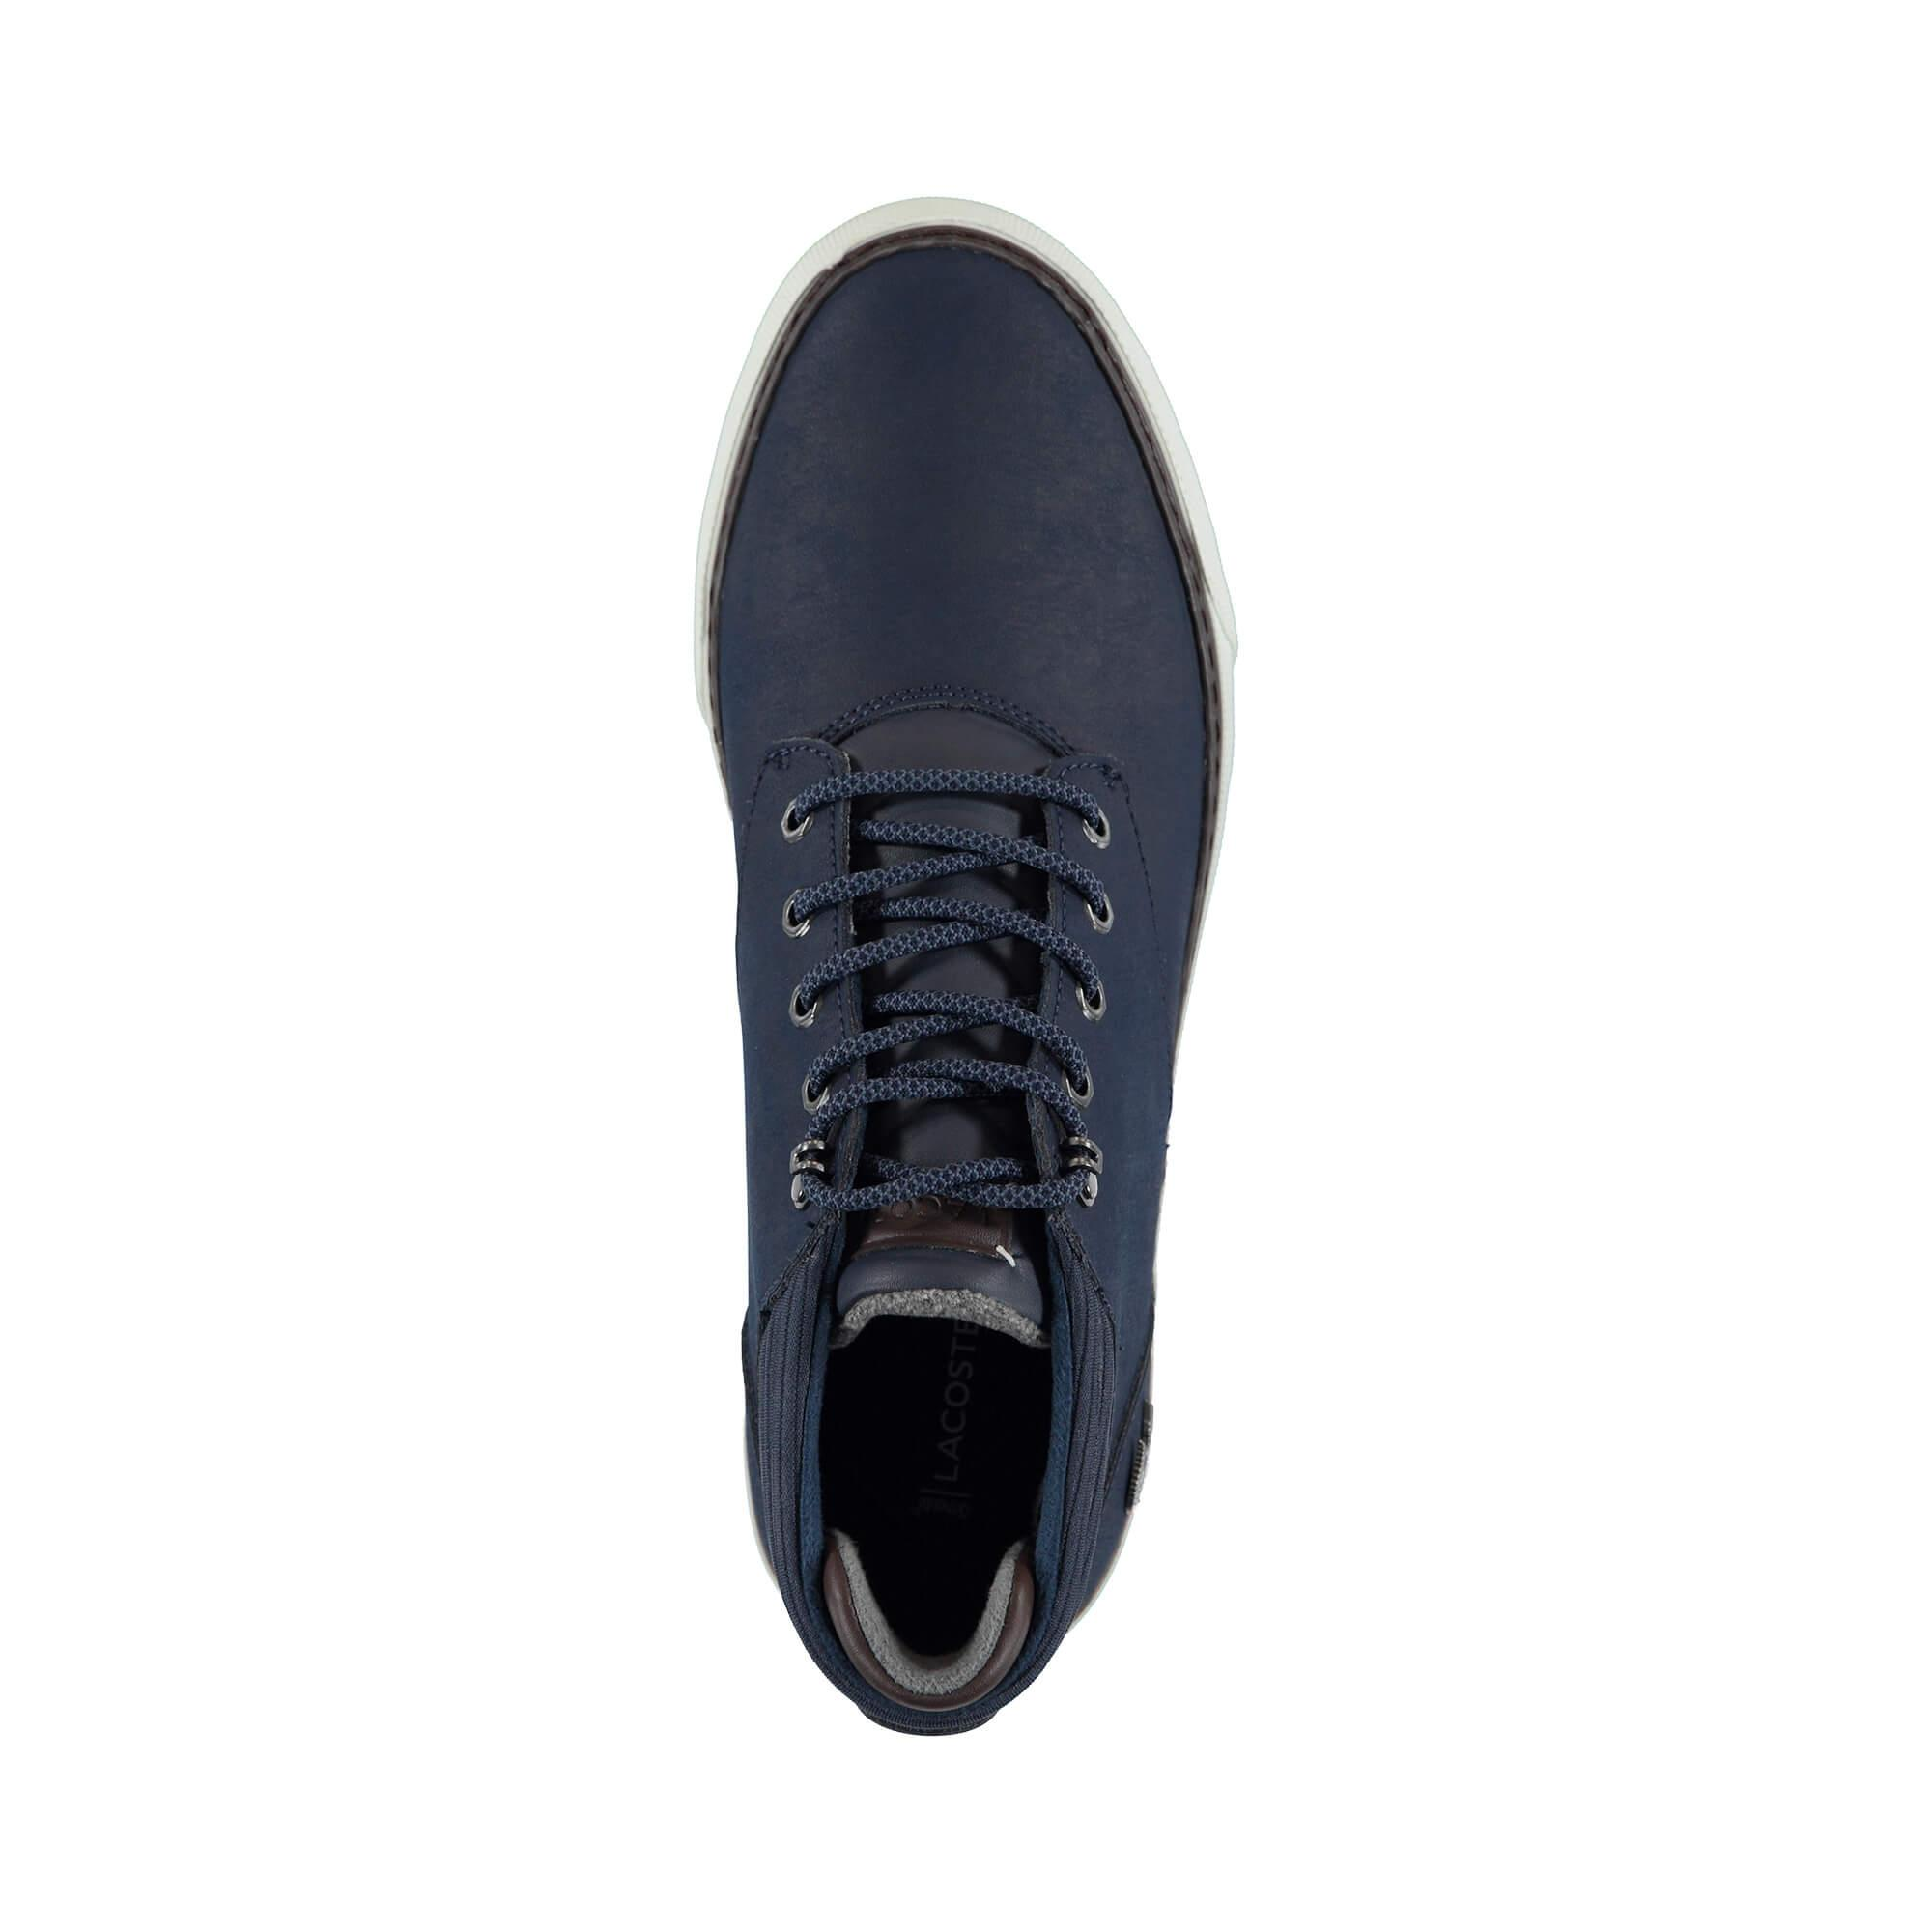 Lacoste Men's Esparre Sizer C 318 3 Shoes